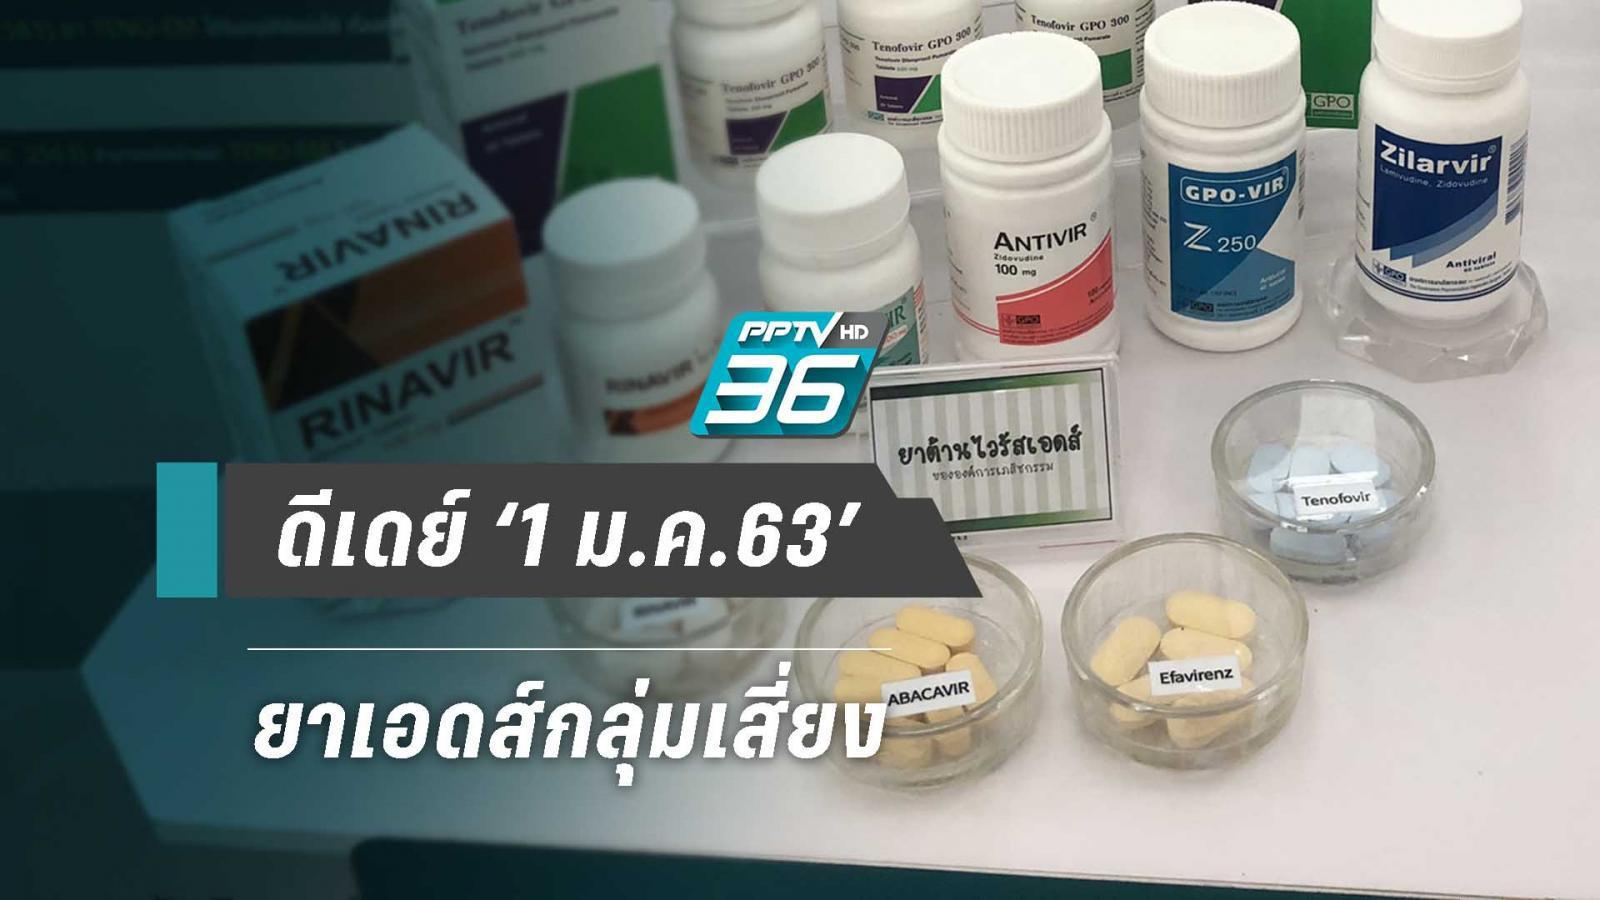 อภ.-สปสช. กระจายยาไวรัสเอดส์กลุ่มเสี่ยงสูง 2 พันราย ดีเดย์ '1 ม.ค.63'